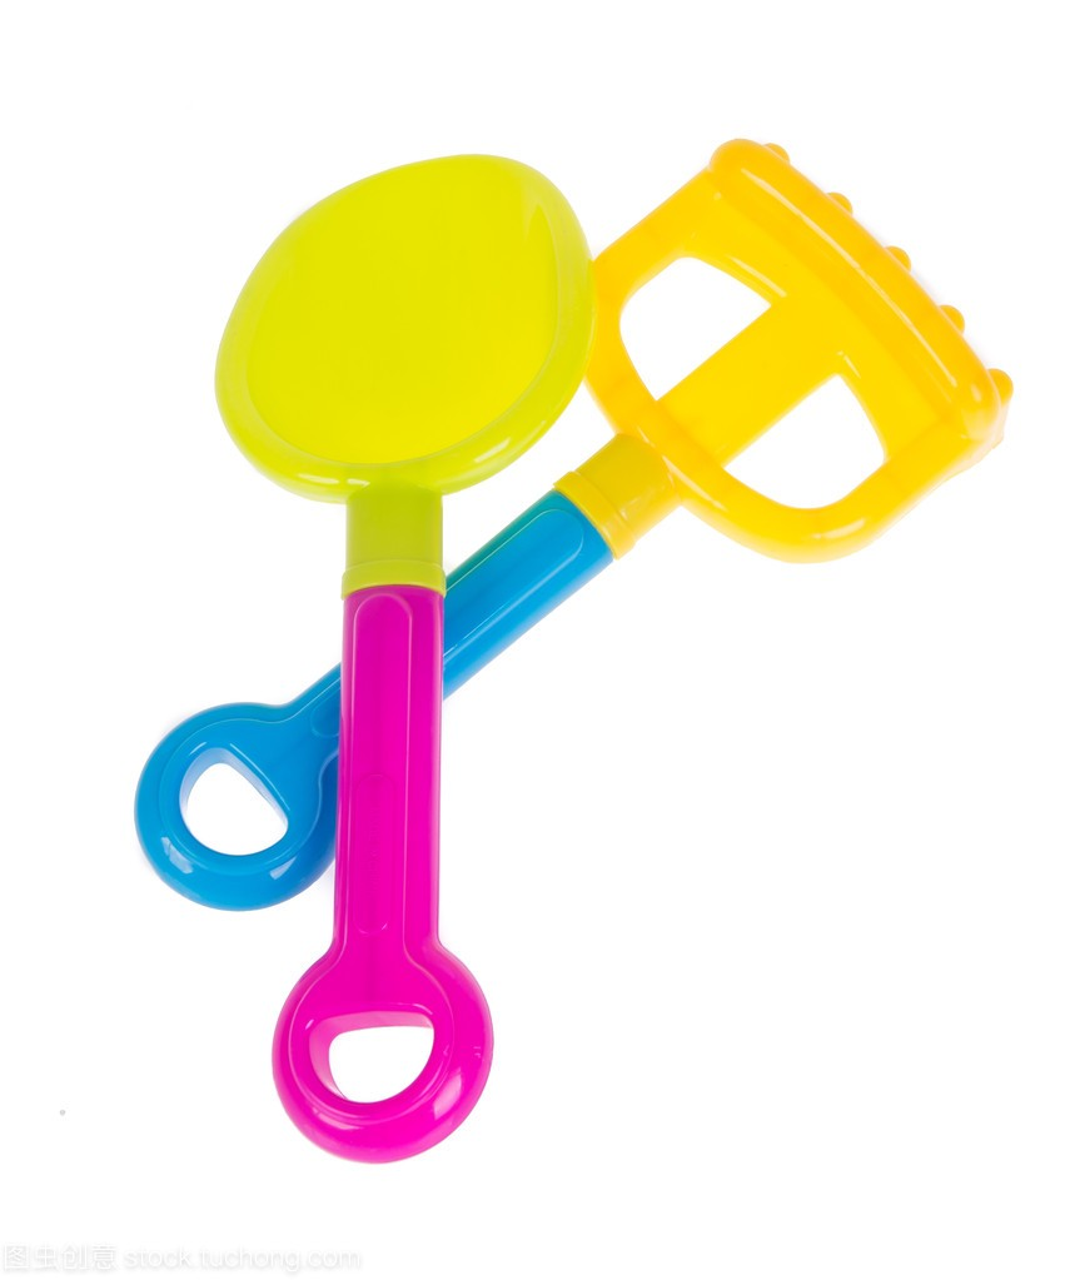 玩具。在玩具上海滩婴儿玩具v玩具简单的猫背景图片